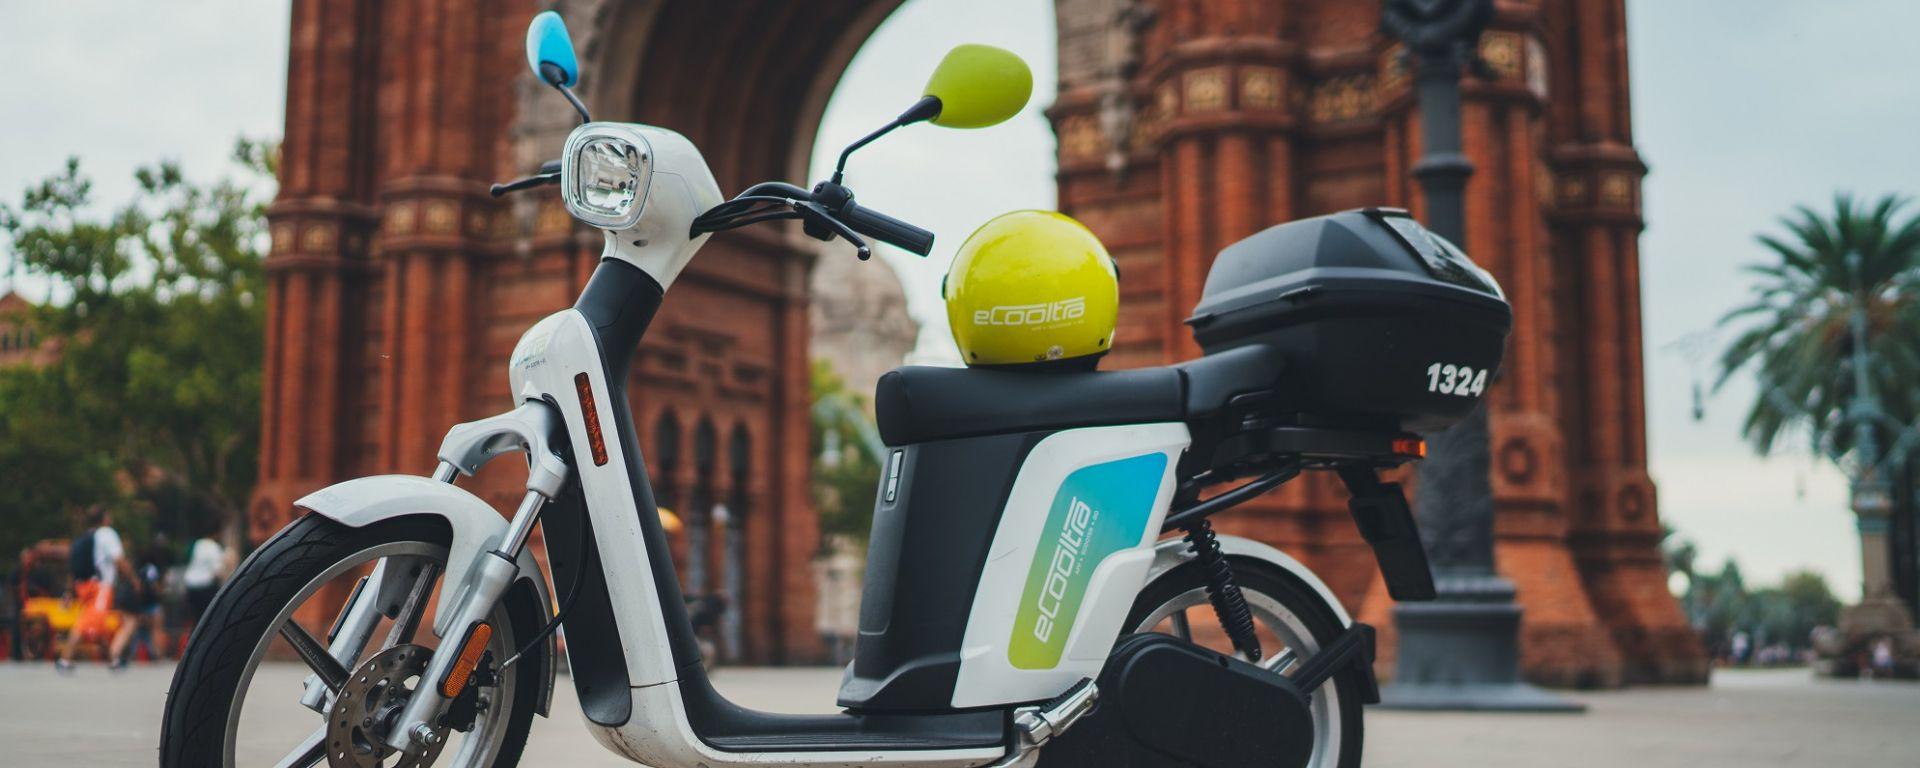 Gli scooter elettrici della società eCooltra